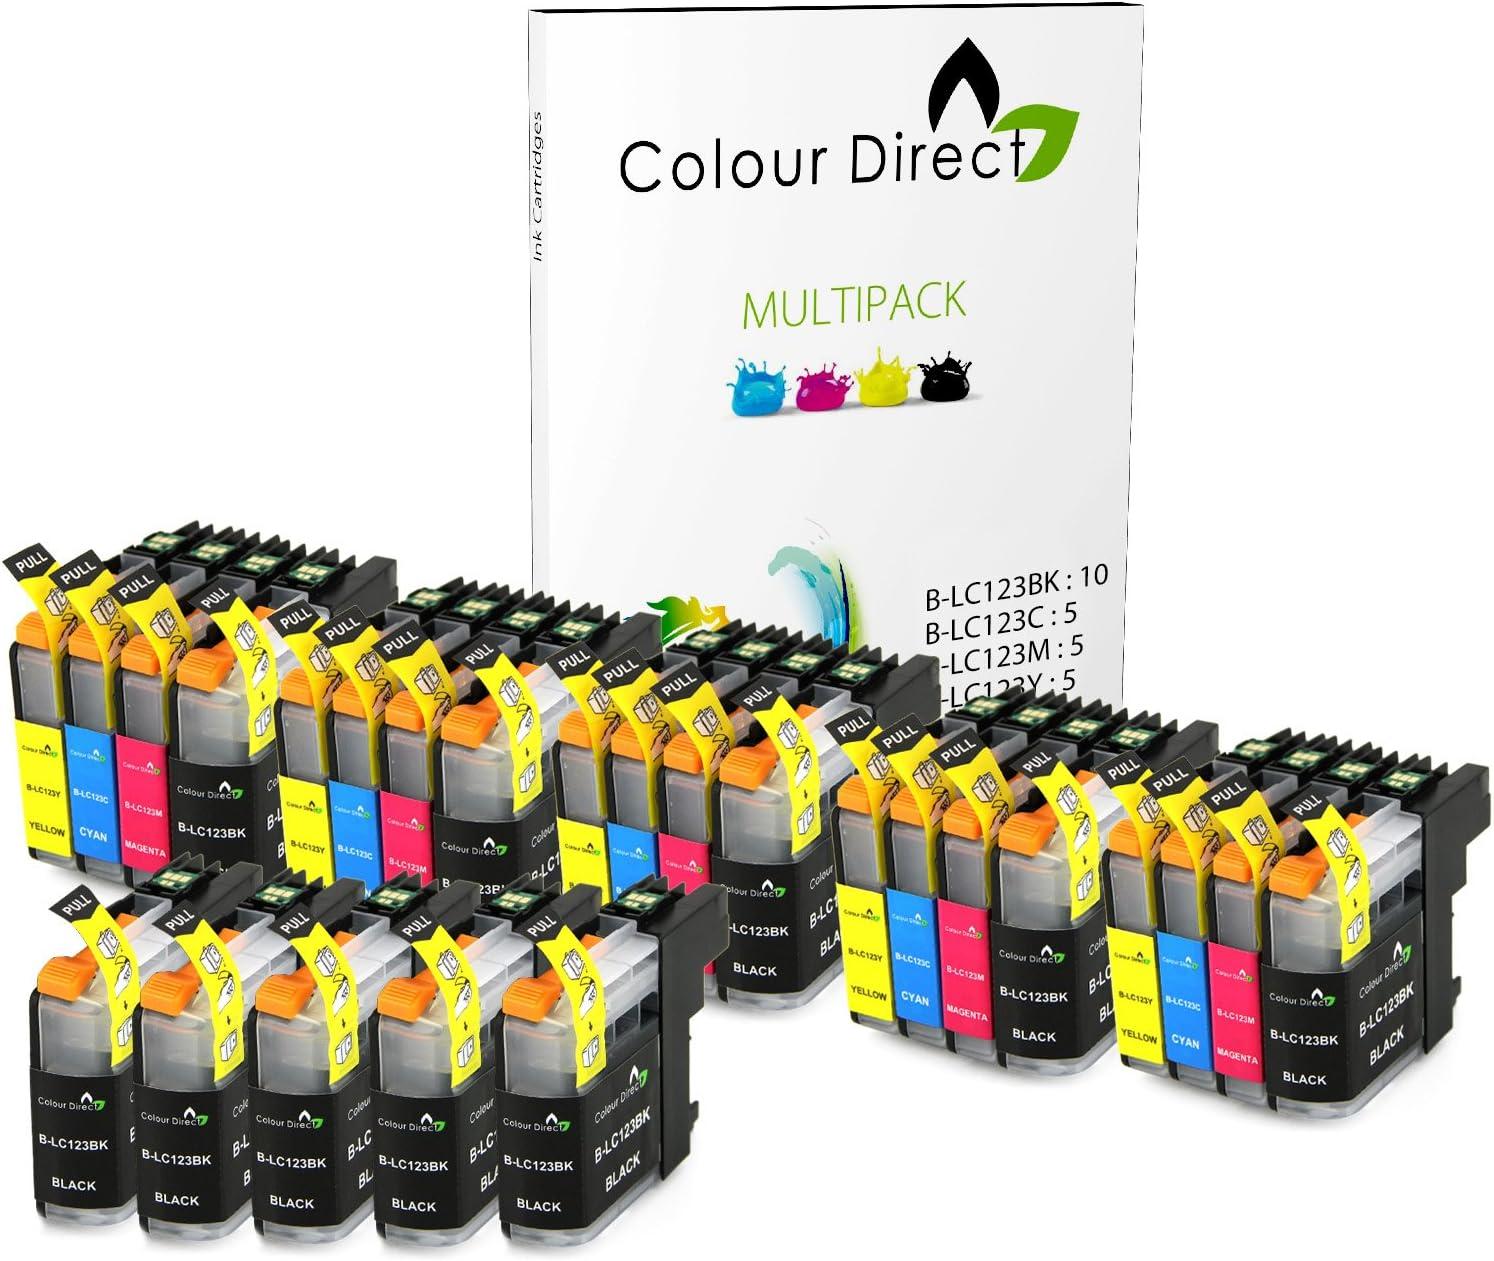 25 XL (5 juegos + 5 Negro) Colour Direct Cartuchos de tinta ...